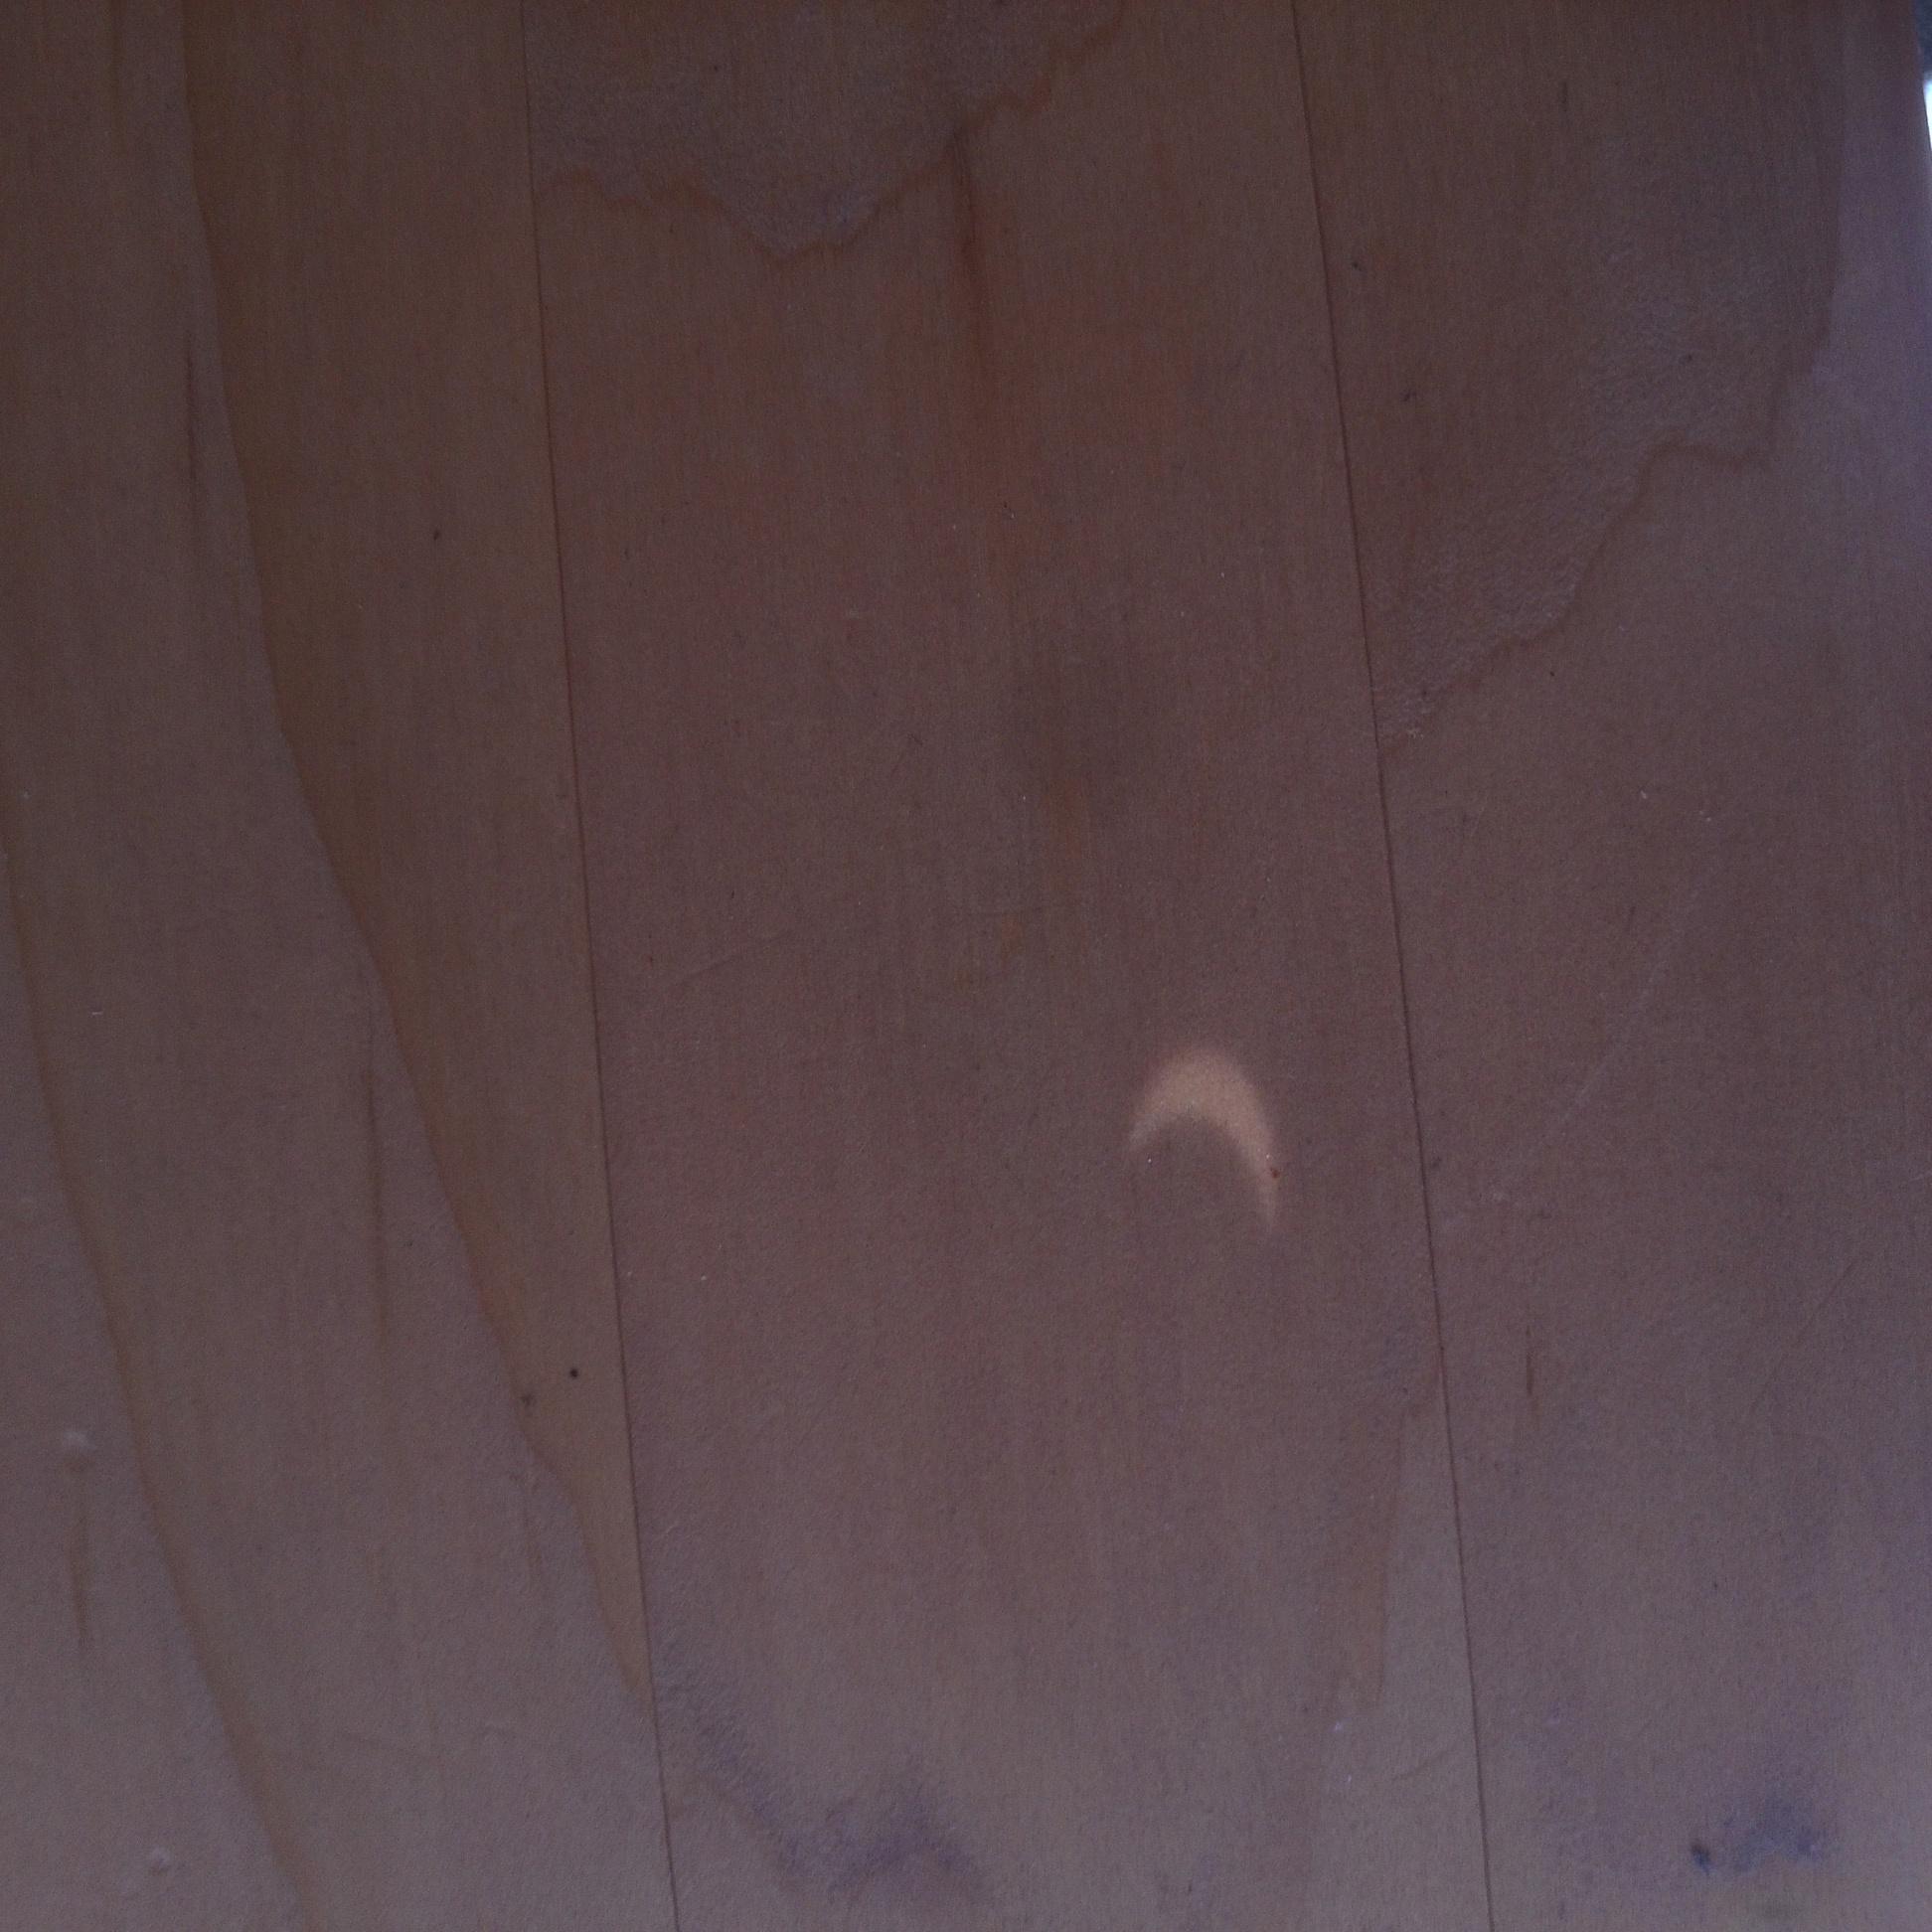 Sonnenfinsternis auf dem Tisch